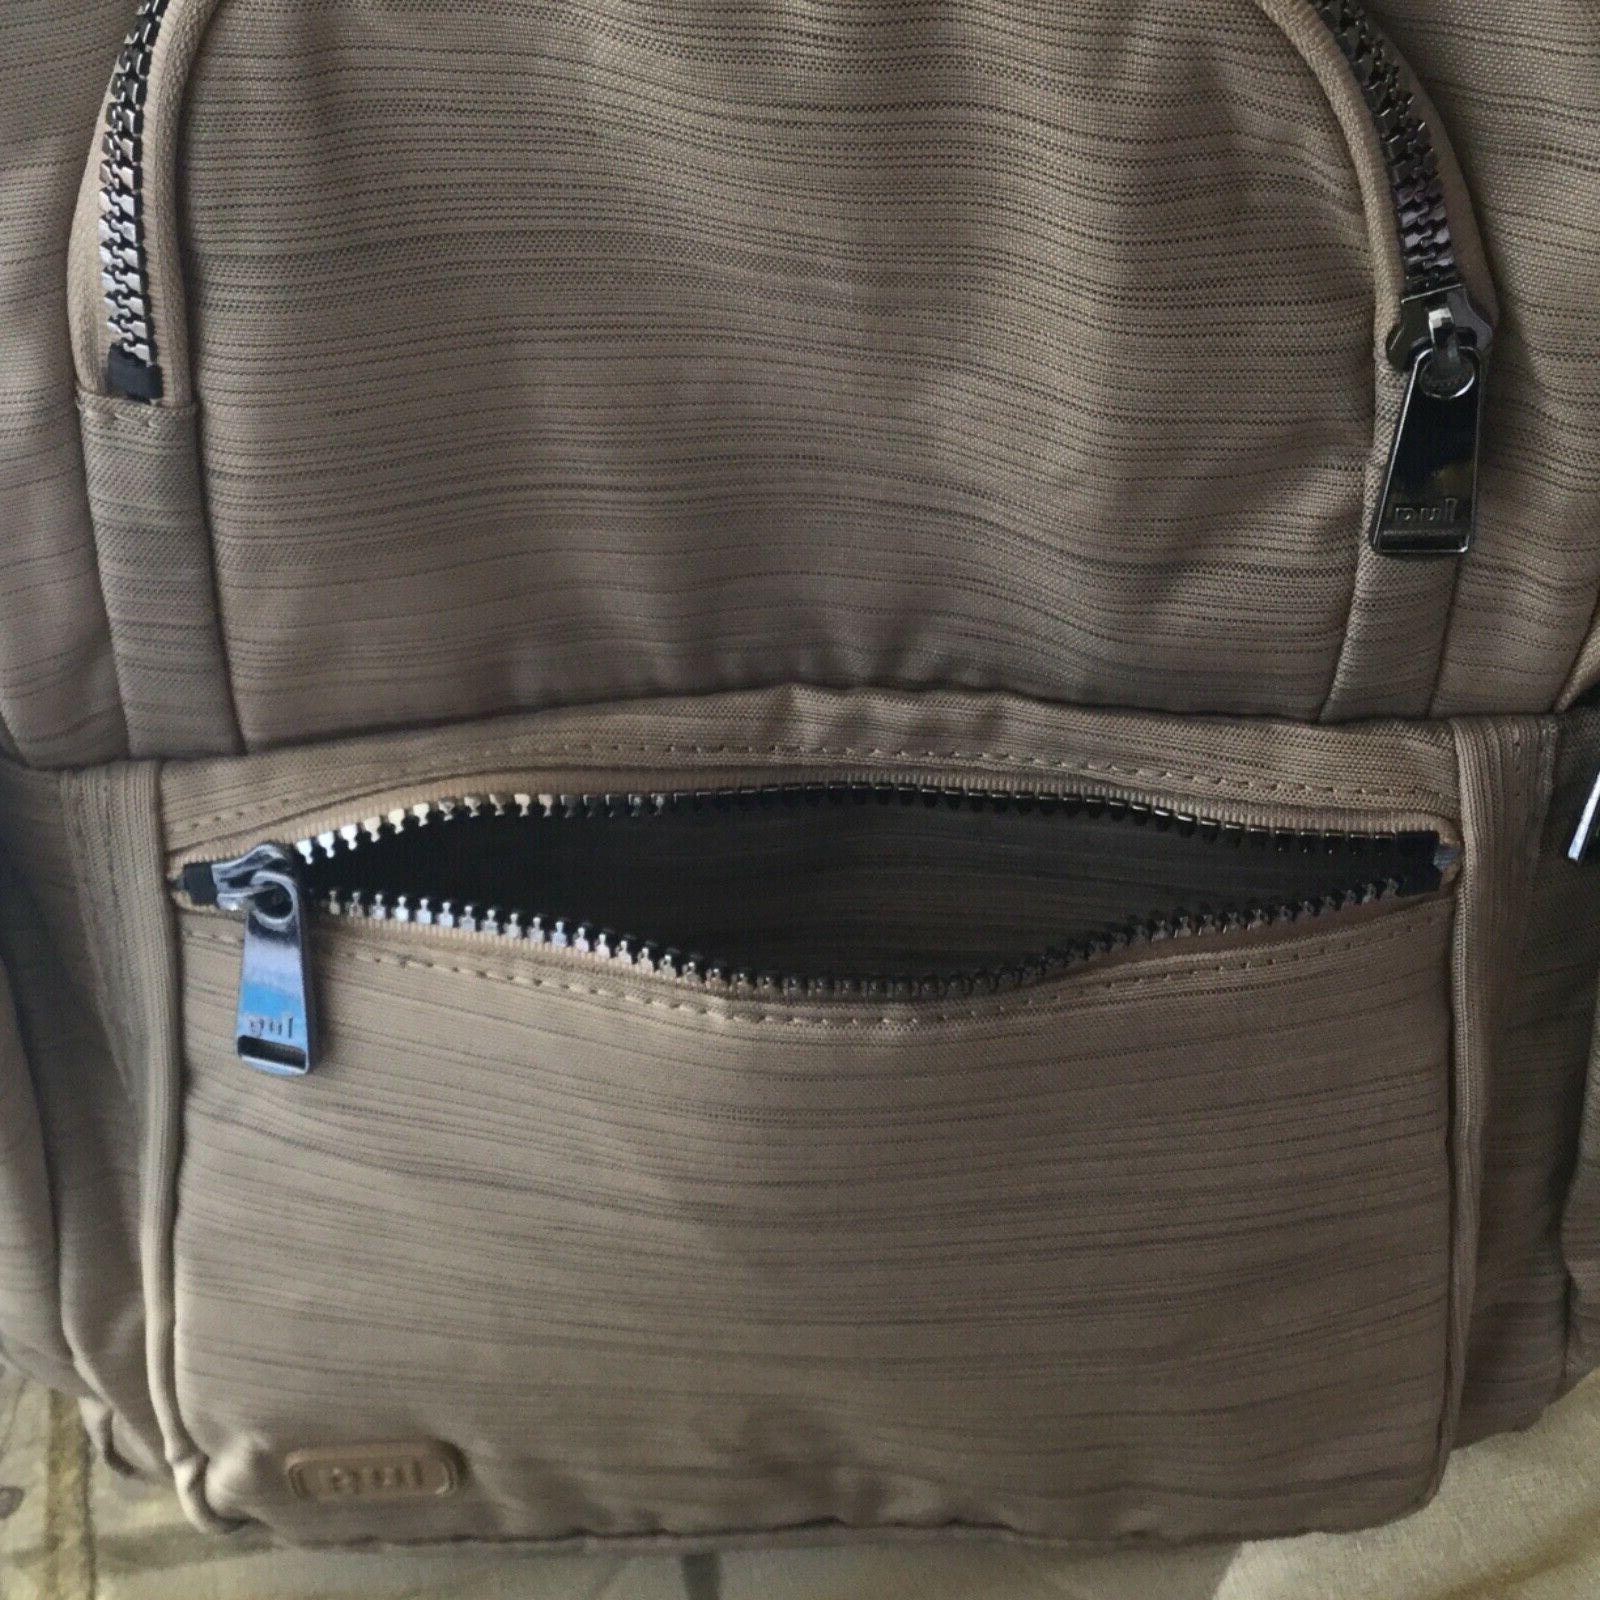 Lug Hatchback Mini Travel School Backpack Handbag Brushed Gold